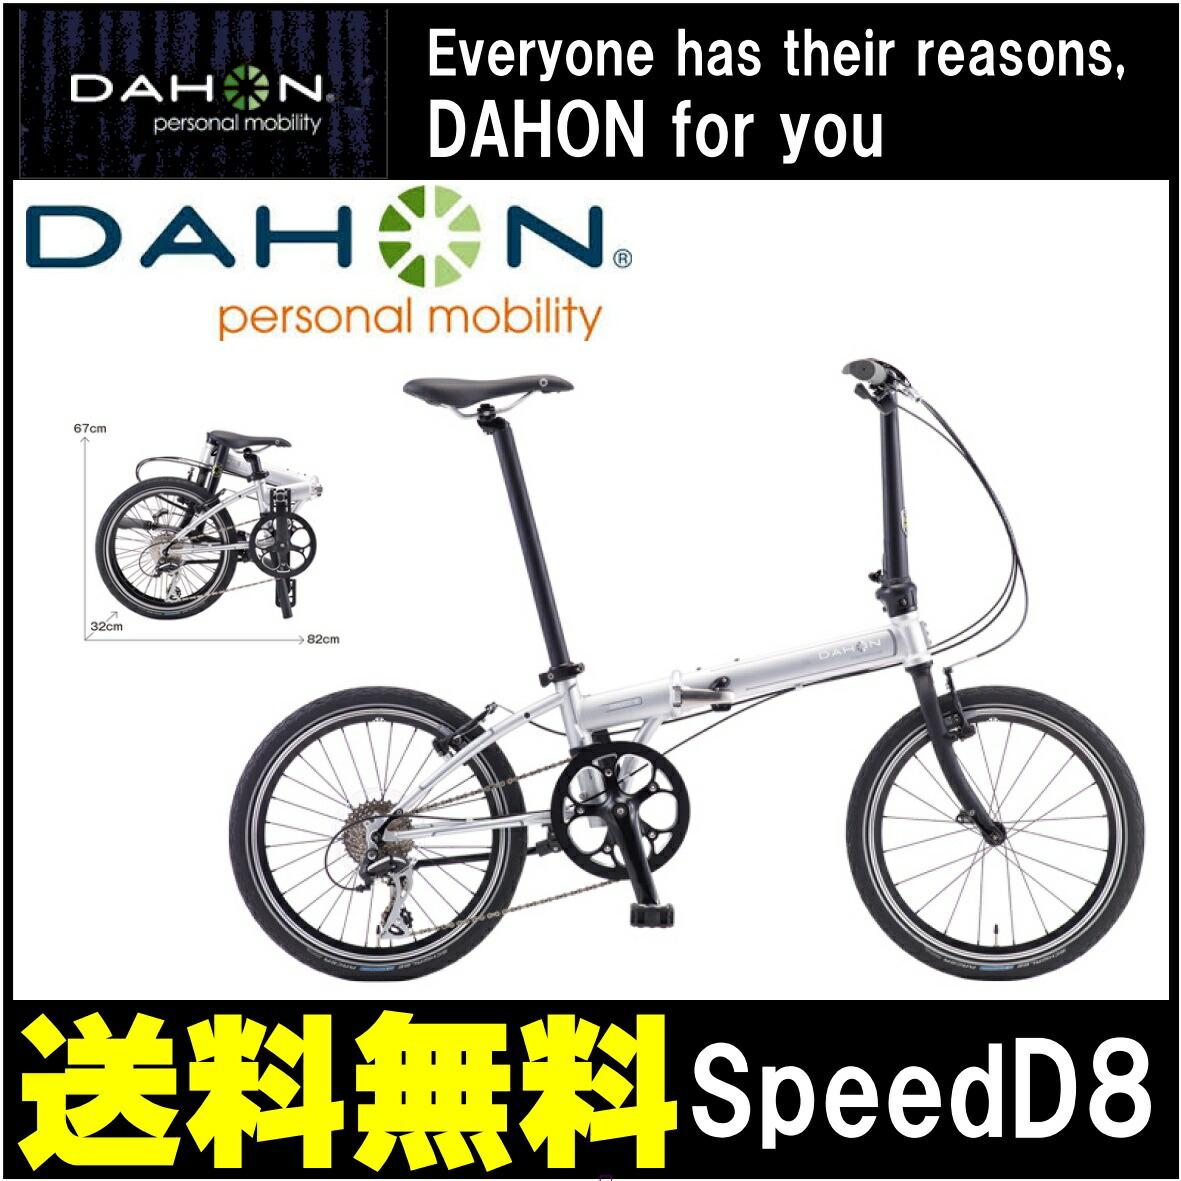 折りたたみ自転車 DAHON Speed D8 ダホン 自転車 ミストシルバー 20インチ 折りたたみ自転車 外装8段変速ギア Matt Silver ダホン 折りたたみ自転車 DAHON スピード D8